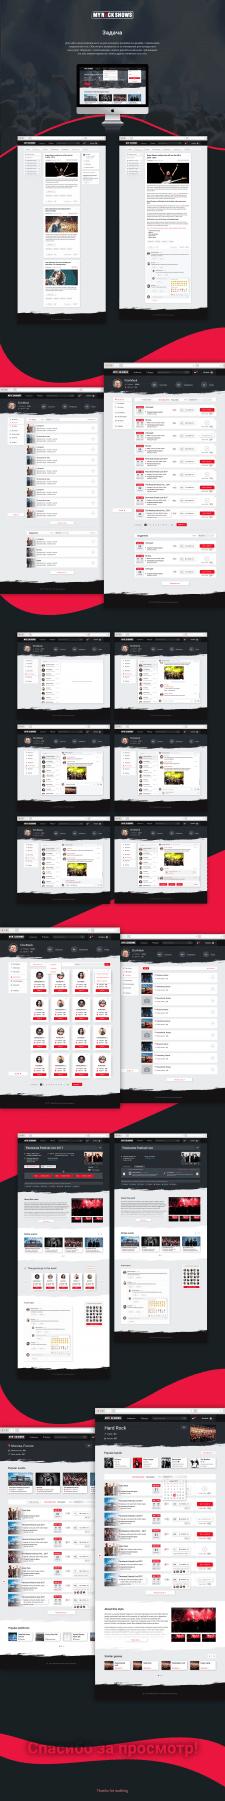 Создание дизайна для социальной сети MyRockShows